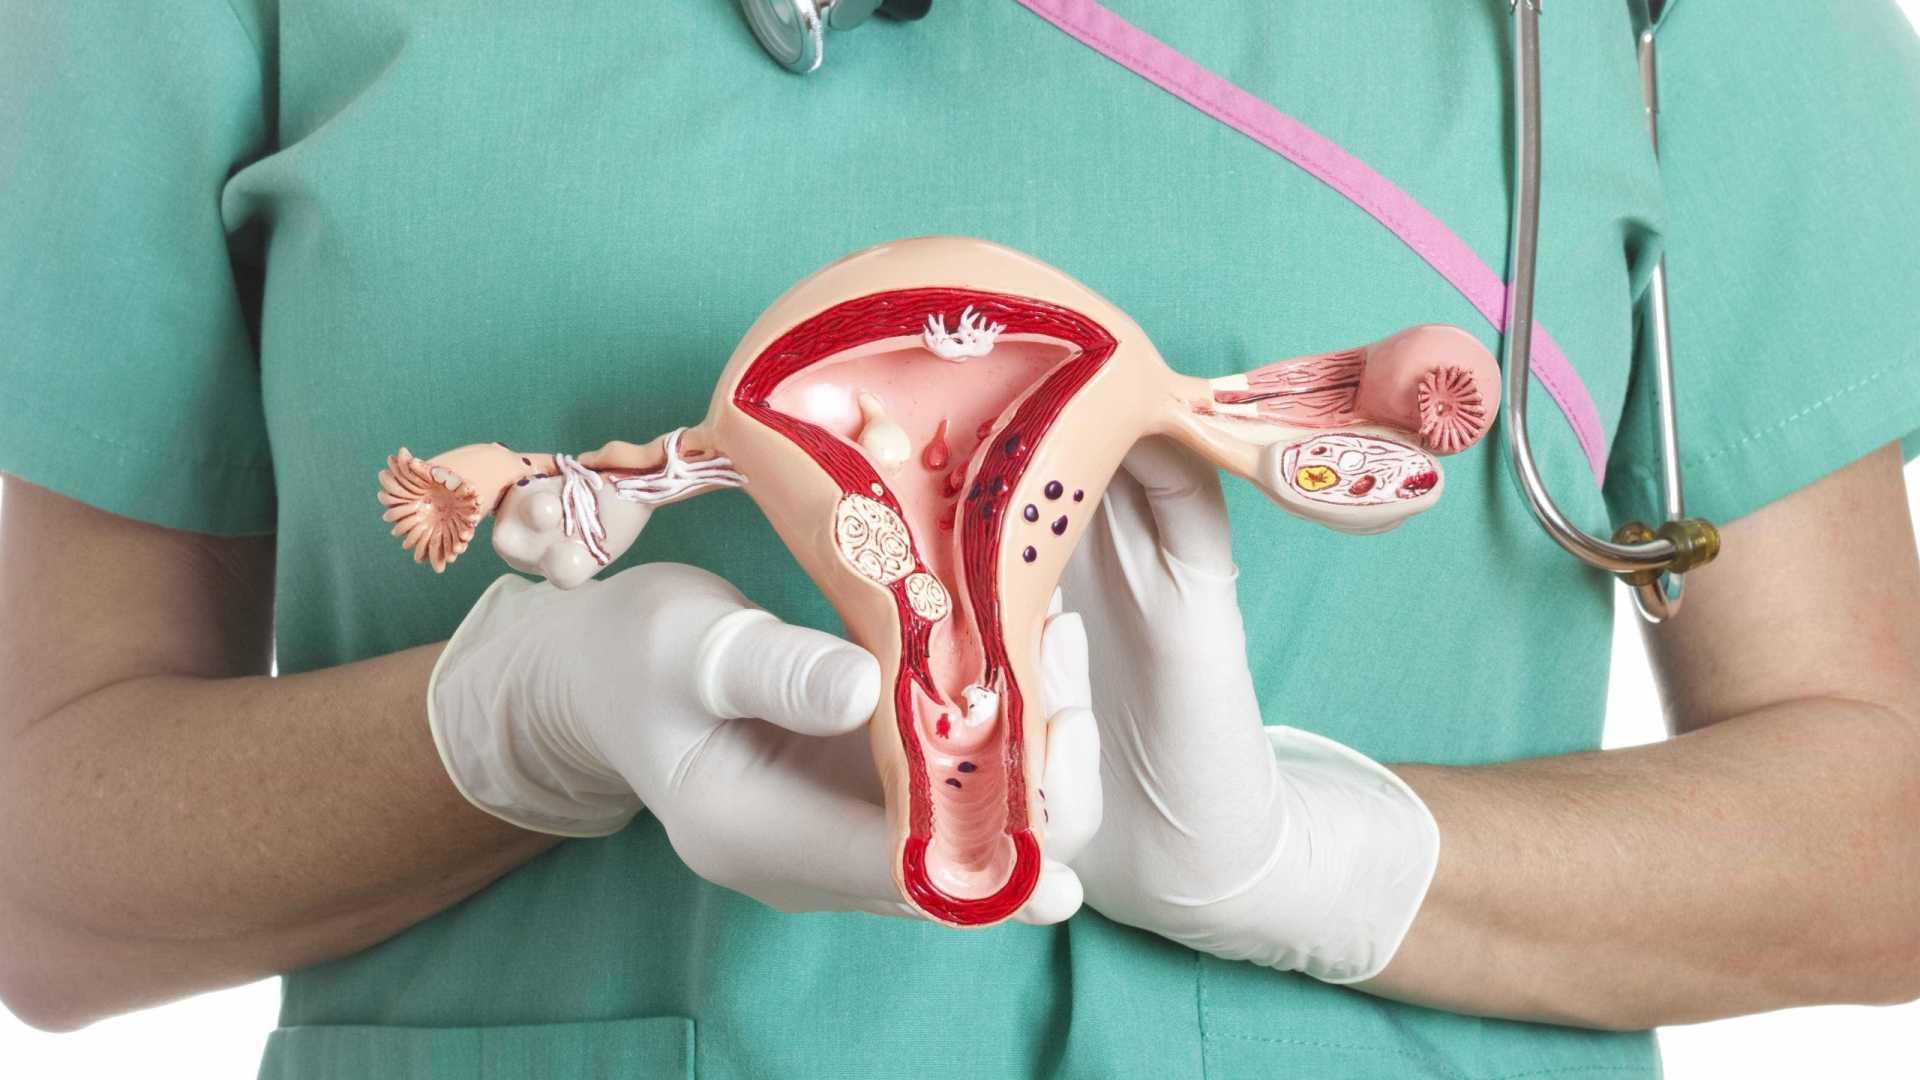 Признаки гипоплазии яичников у женщины